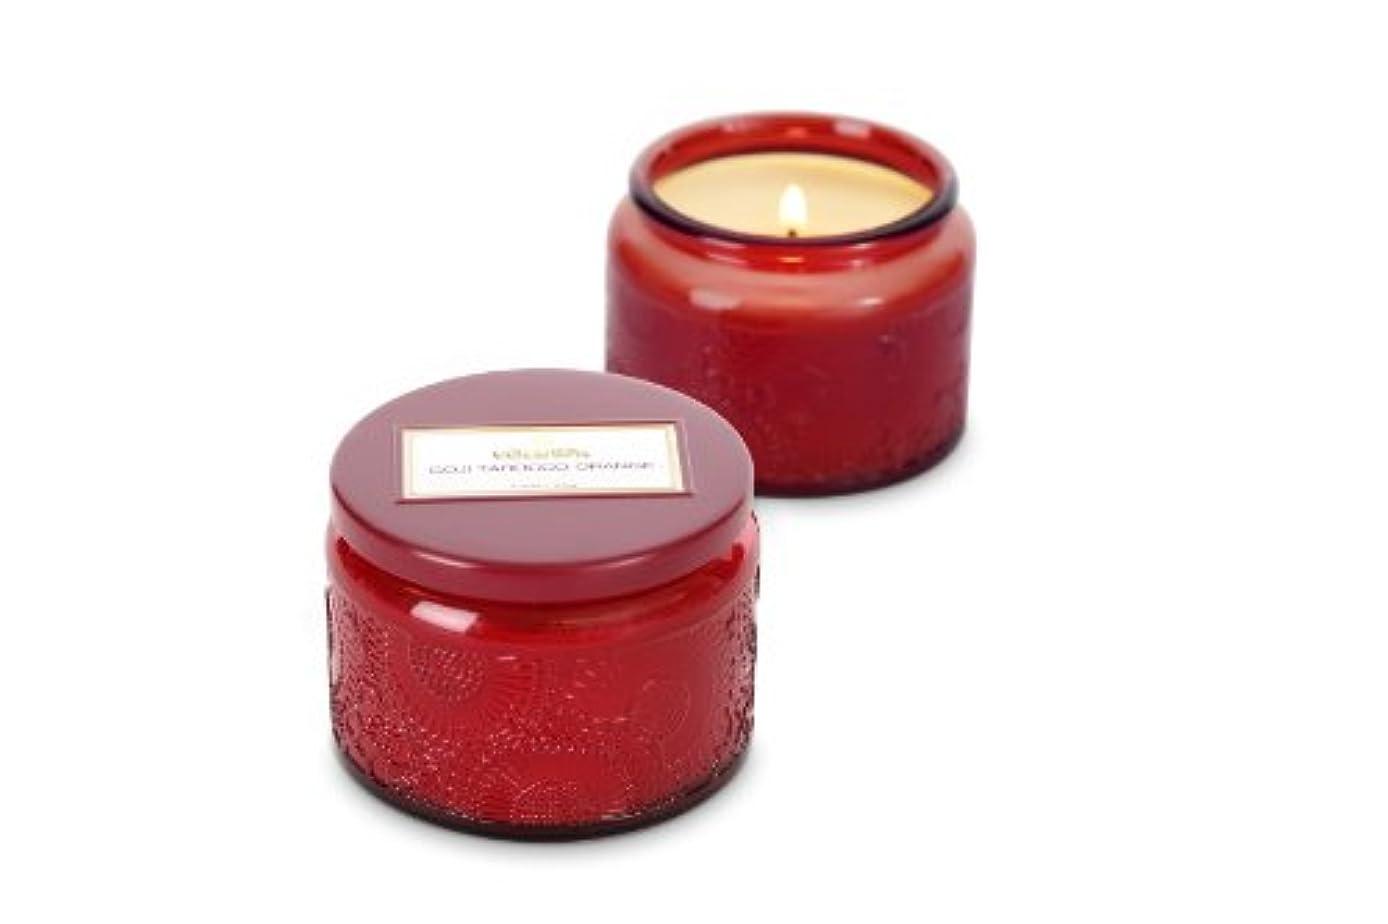 概要貴重な輝くVoluspa ボルスパ ジャポニカ グラスジャーキャンドル S ゴージ&タロッコオレンジ JAPONICA Glass jar candle GOJI & TAROCCO ORANGE